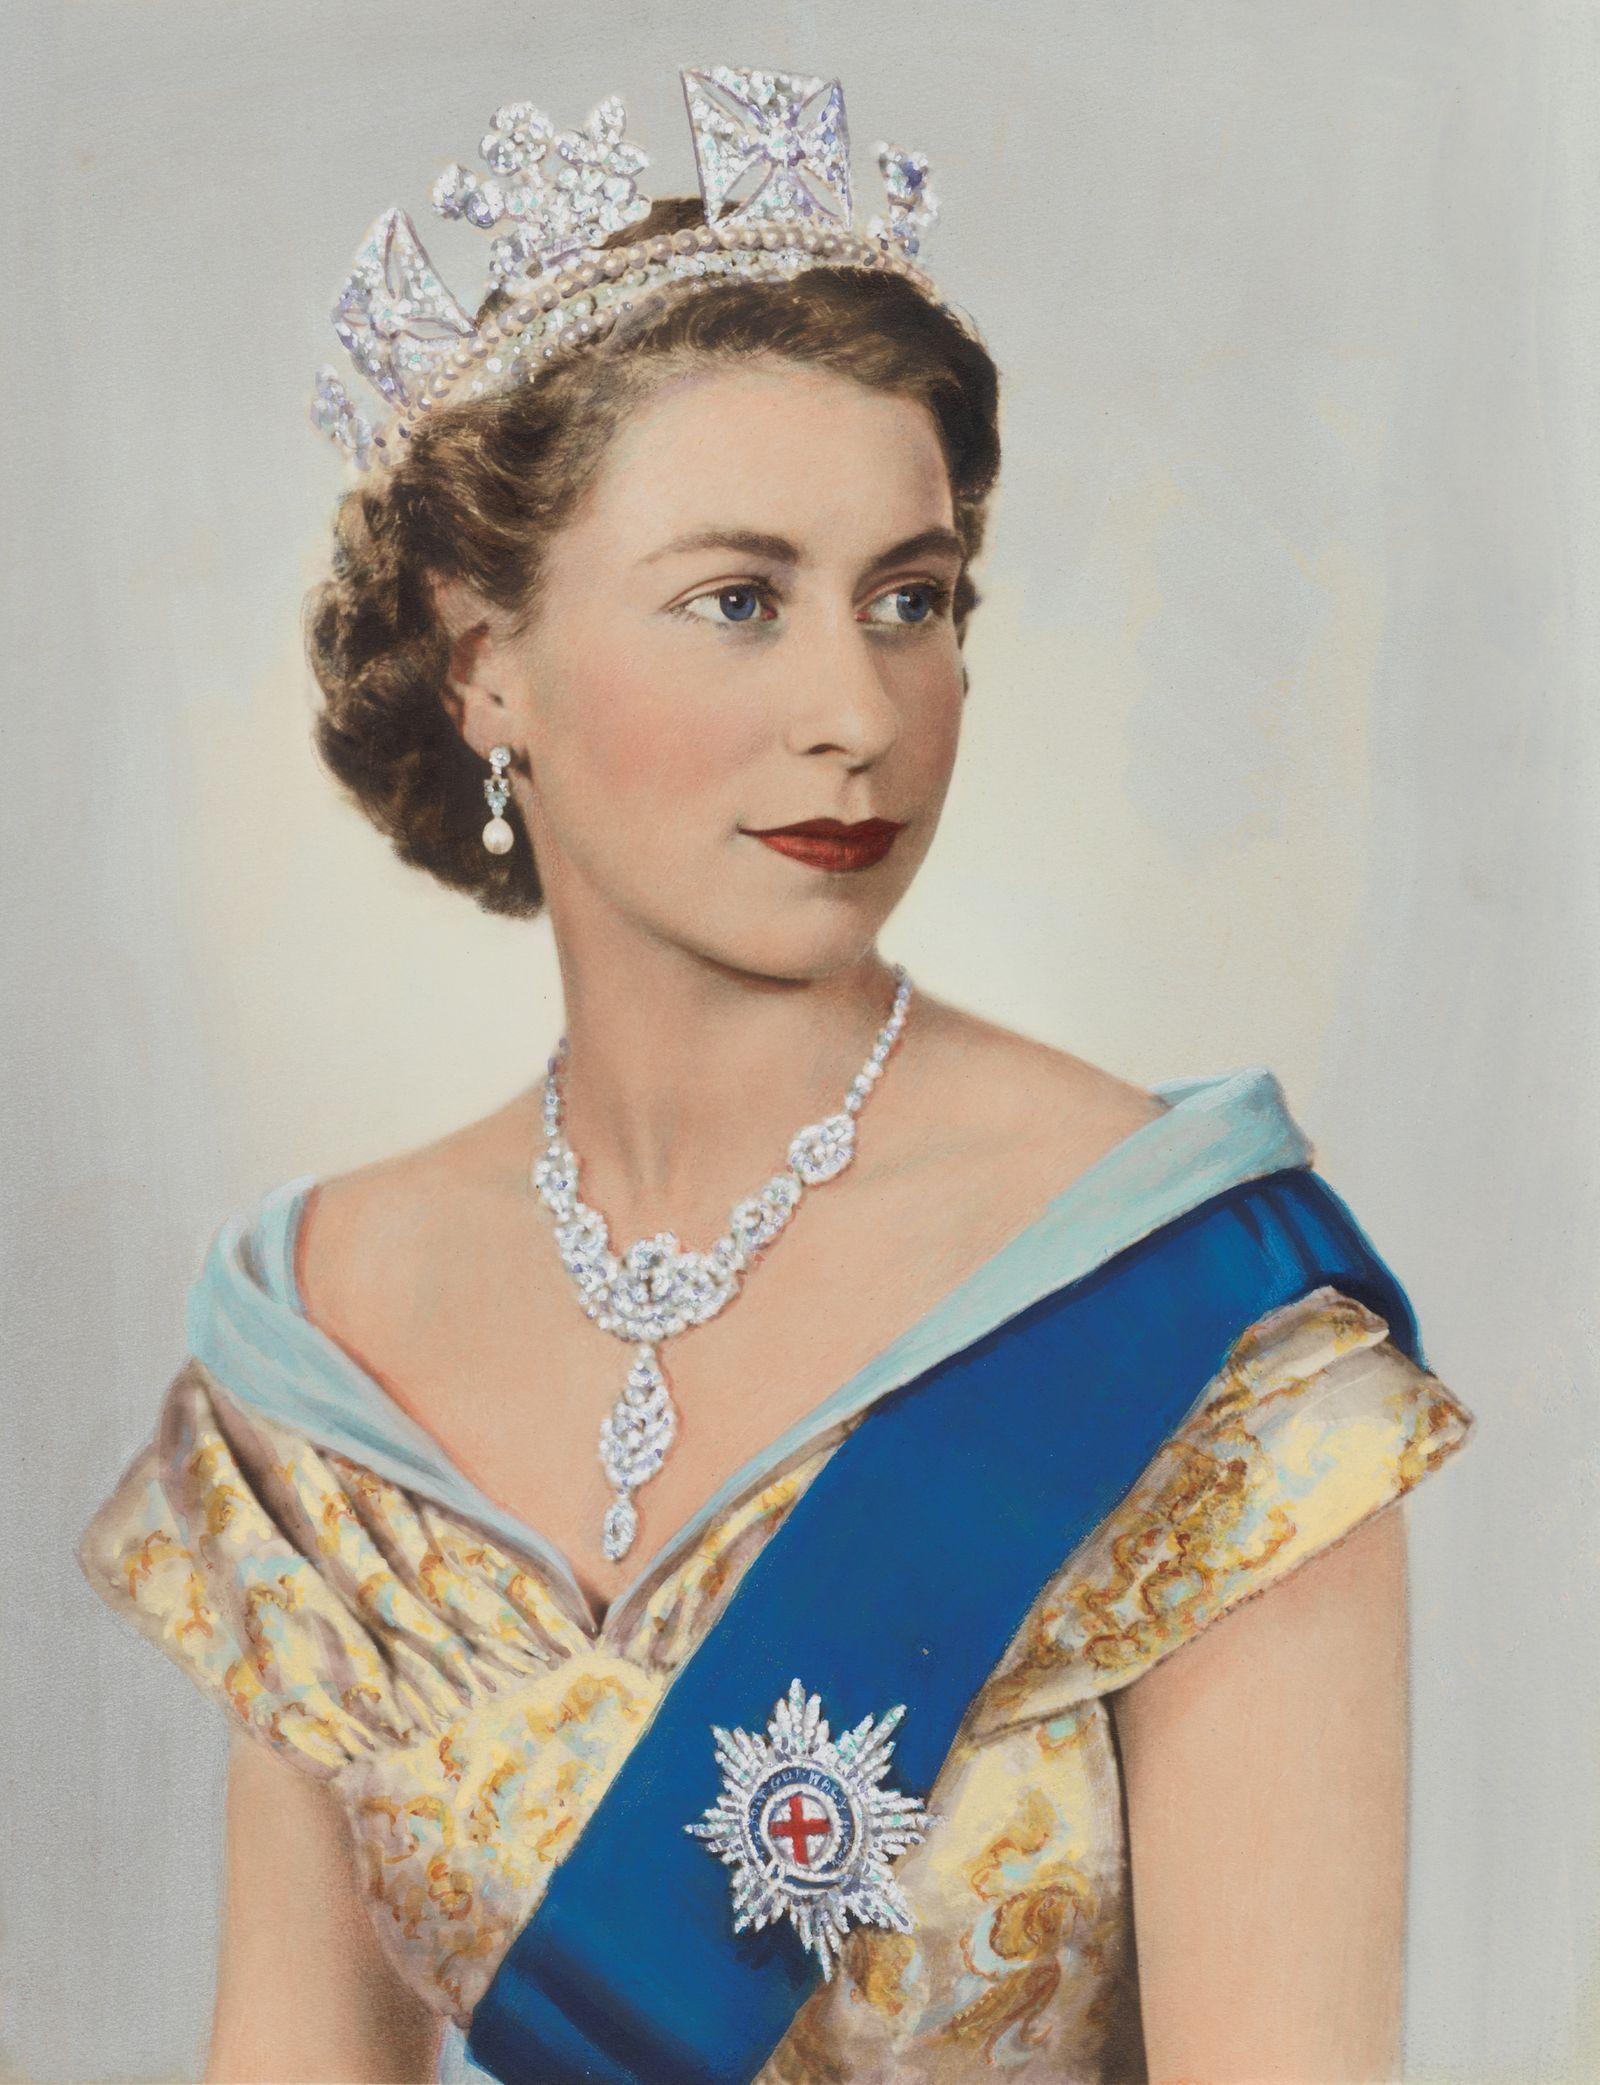 Lady D La Regina Elisabetta E La Storia Della Monarchia Britannica In Mostra Al Museo Di Belle Arti Di Houston Regina Elisabetta Principessa Elisabetta Lady